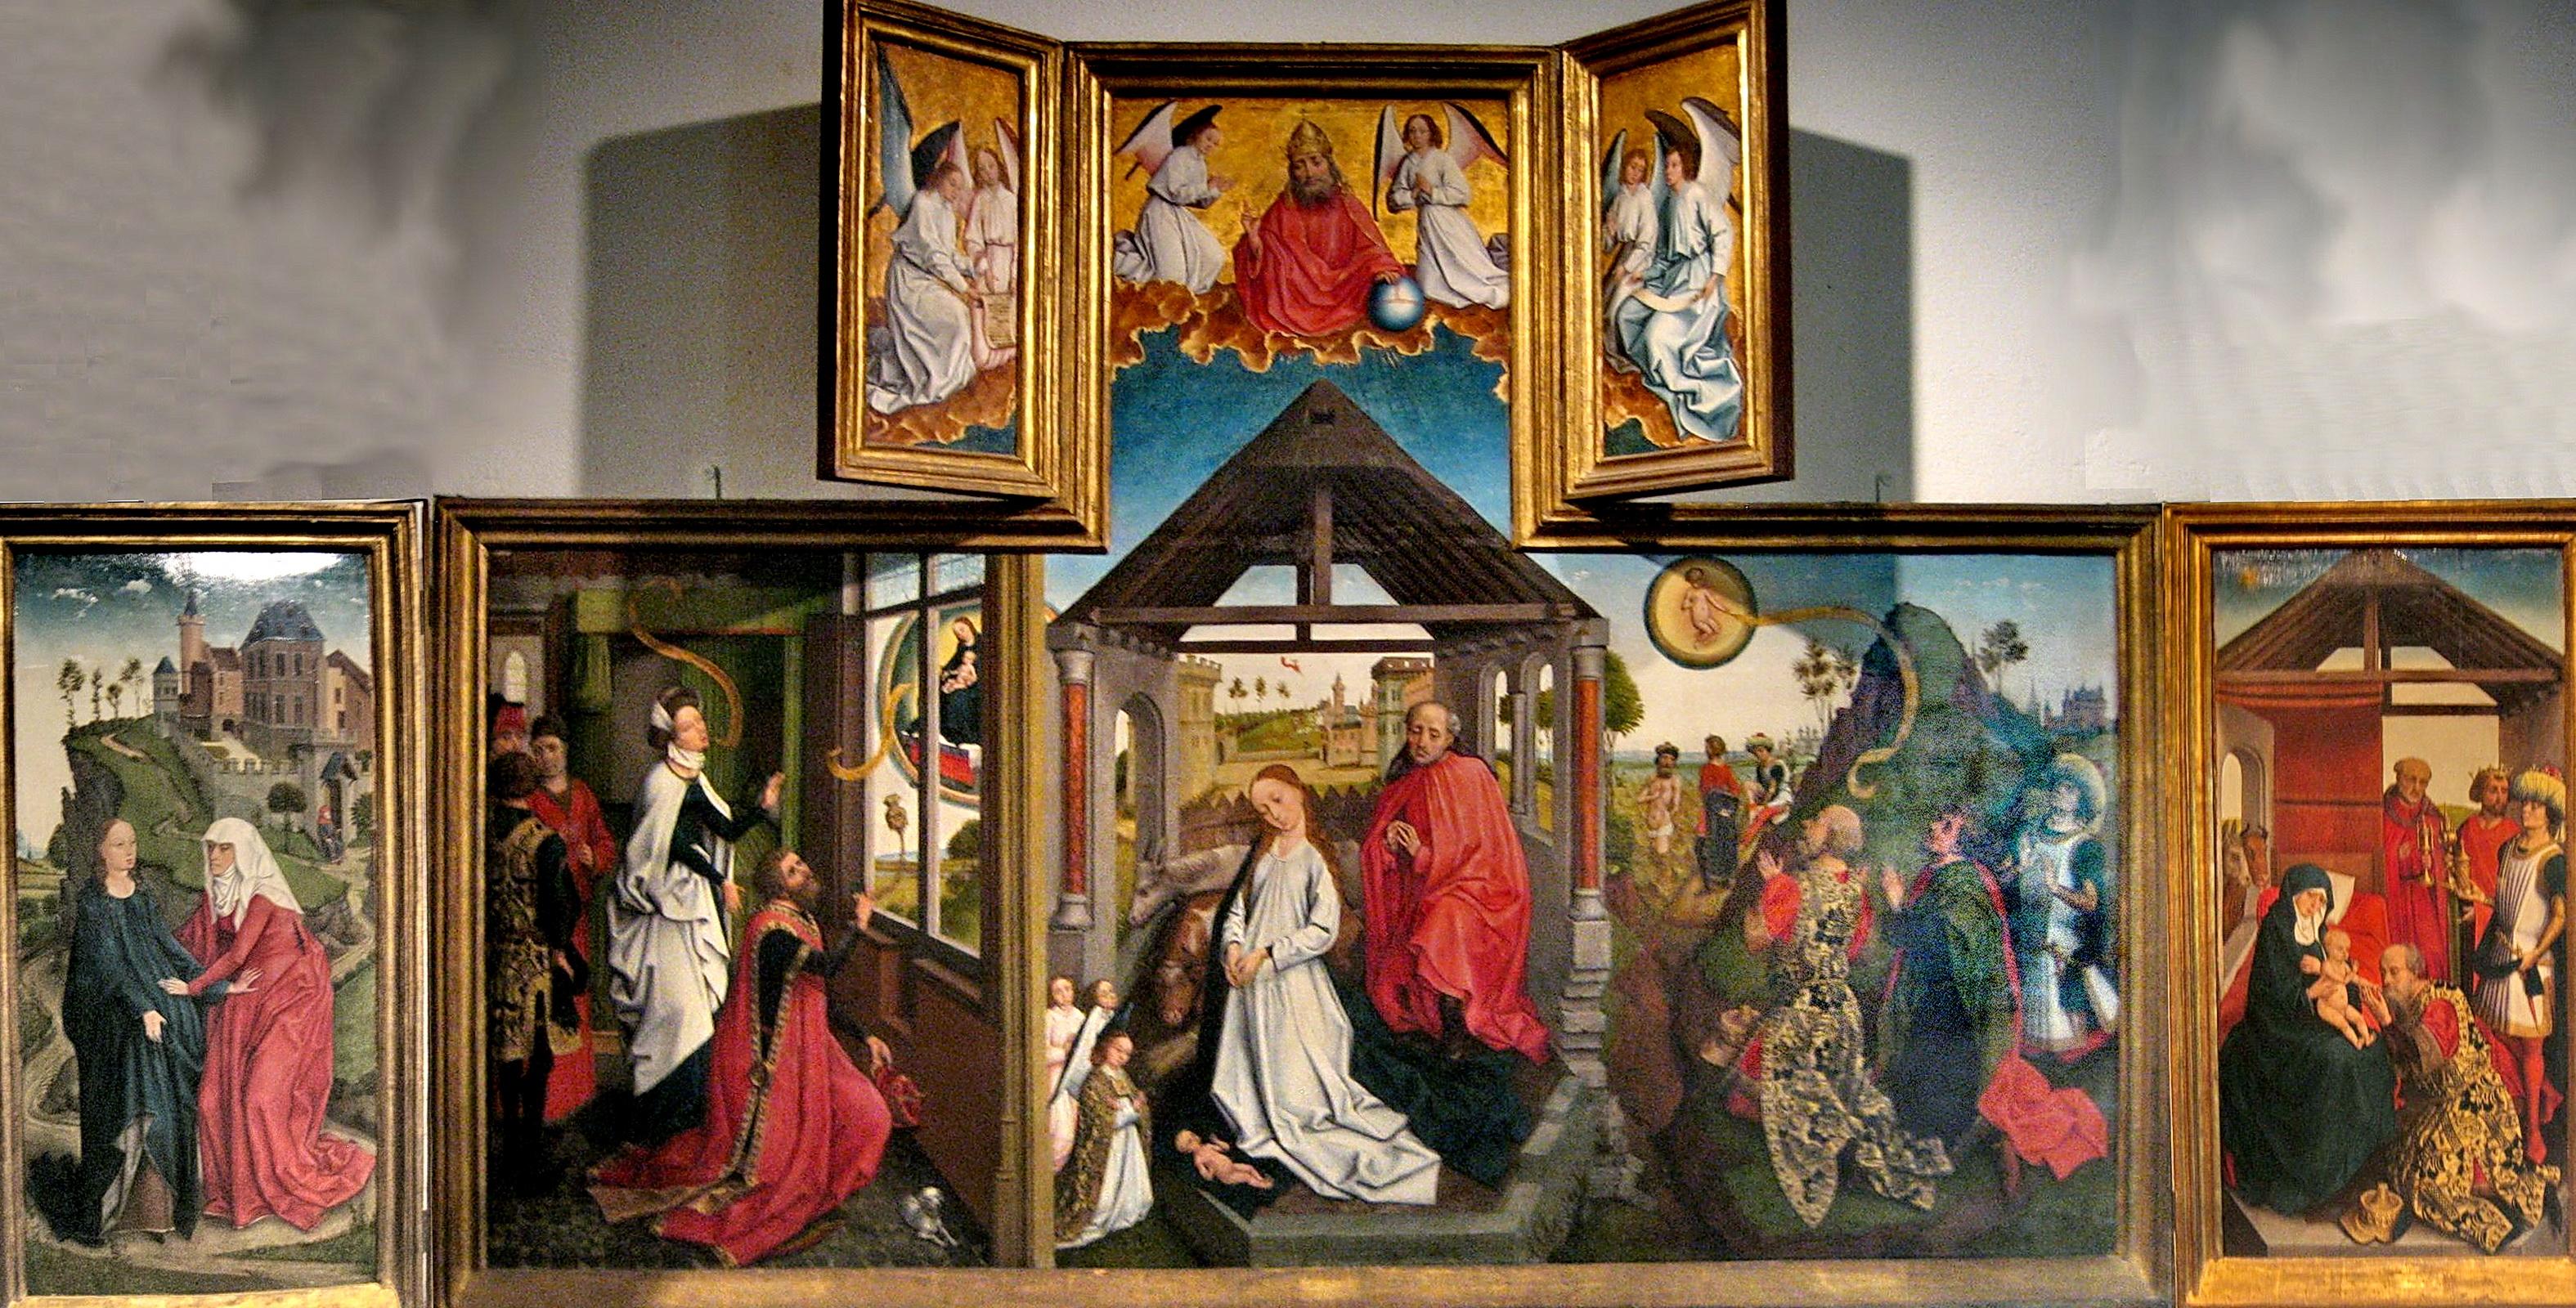 FileWorkshop Of Rogier Van Der Weyden Polyptych With